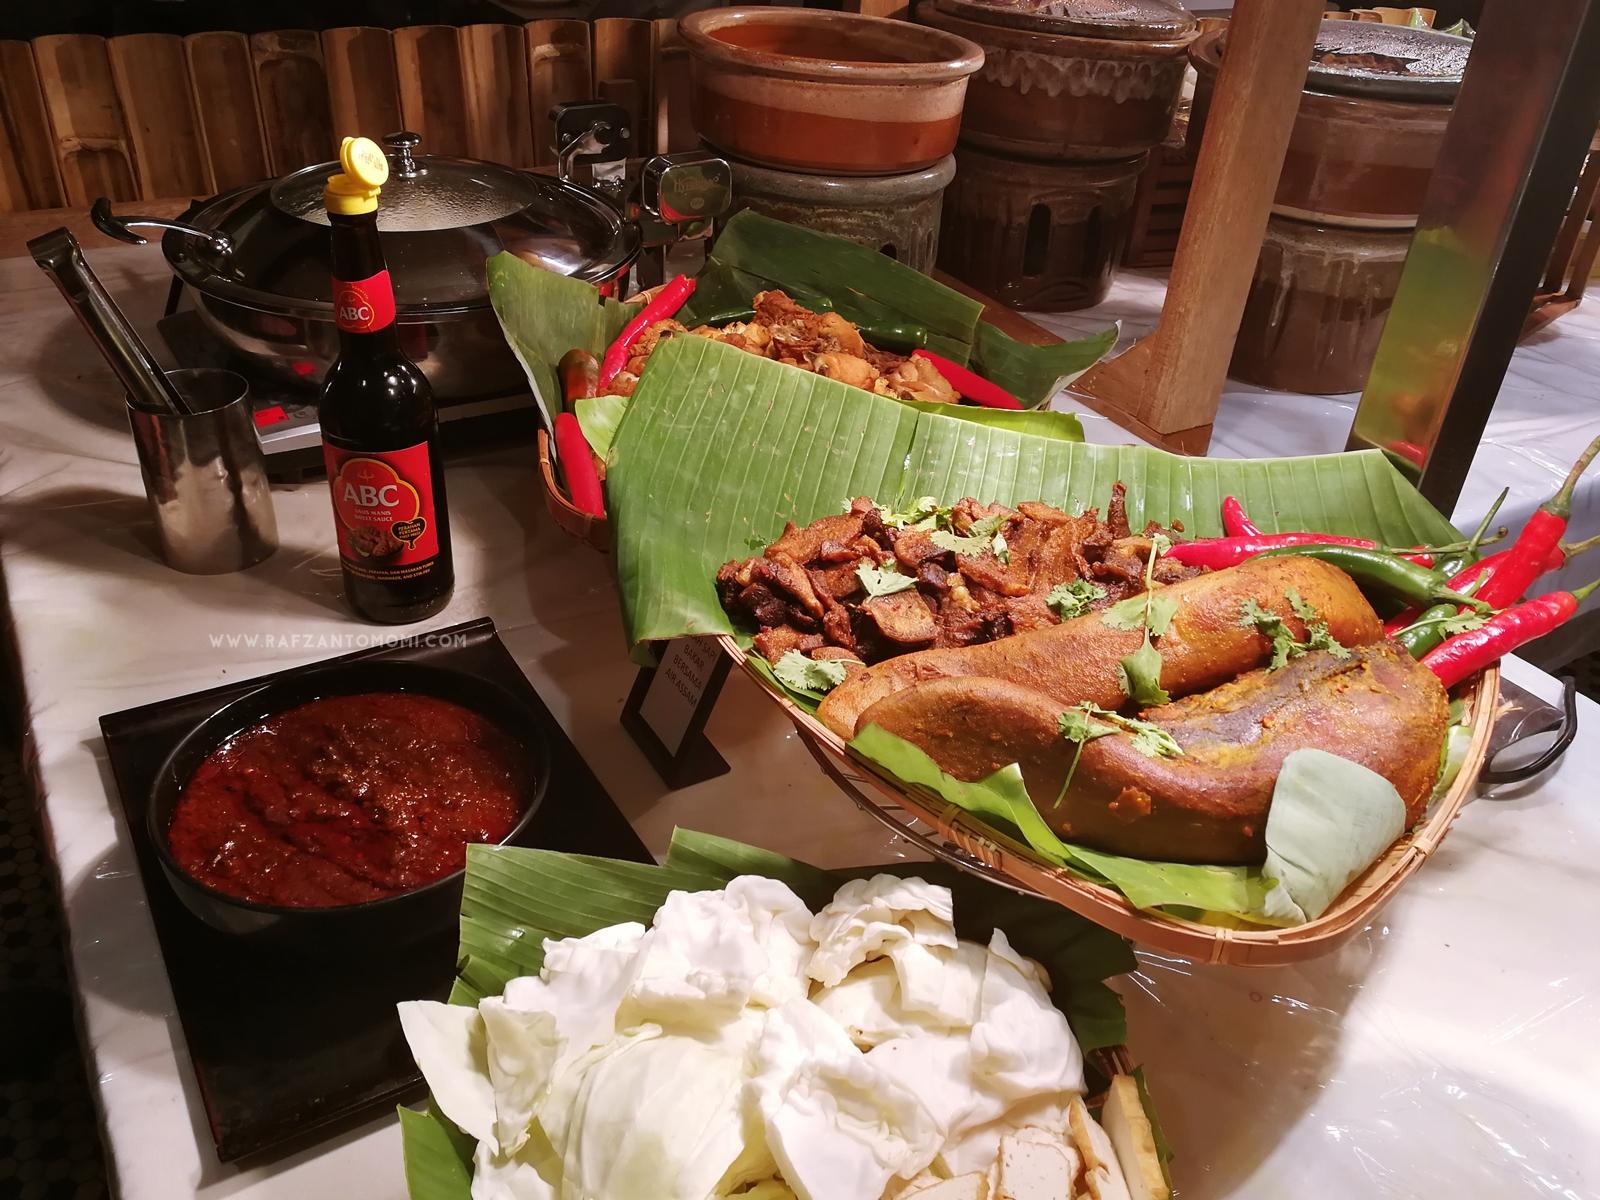 Buffet Ramadhan 2018 - 'Jom Makan' Di Paya Serai, Hilton Petaling Jaya